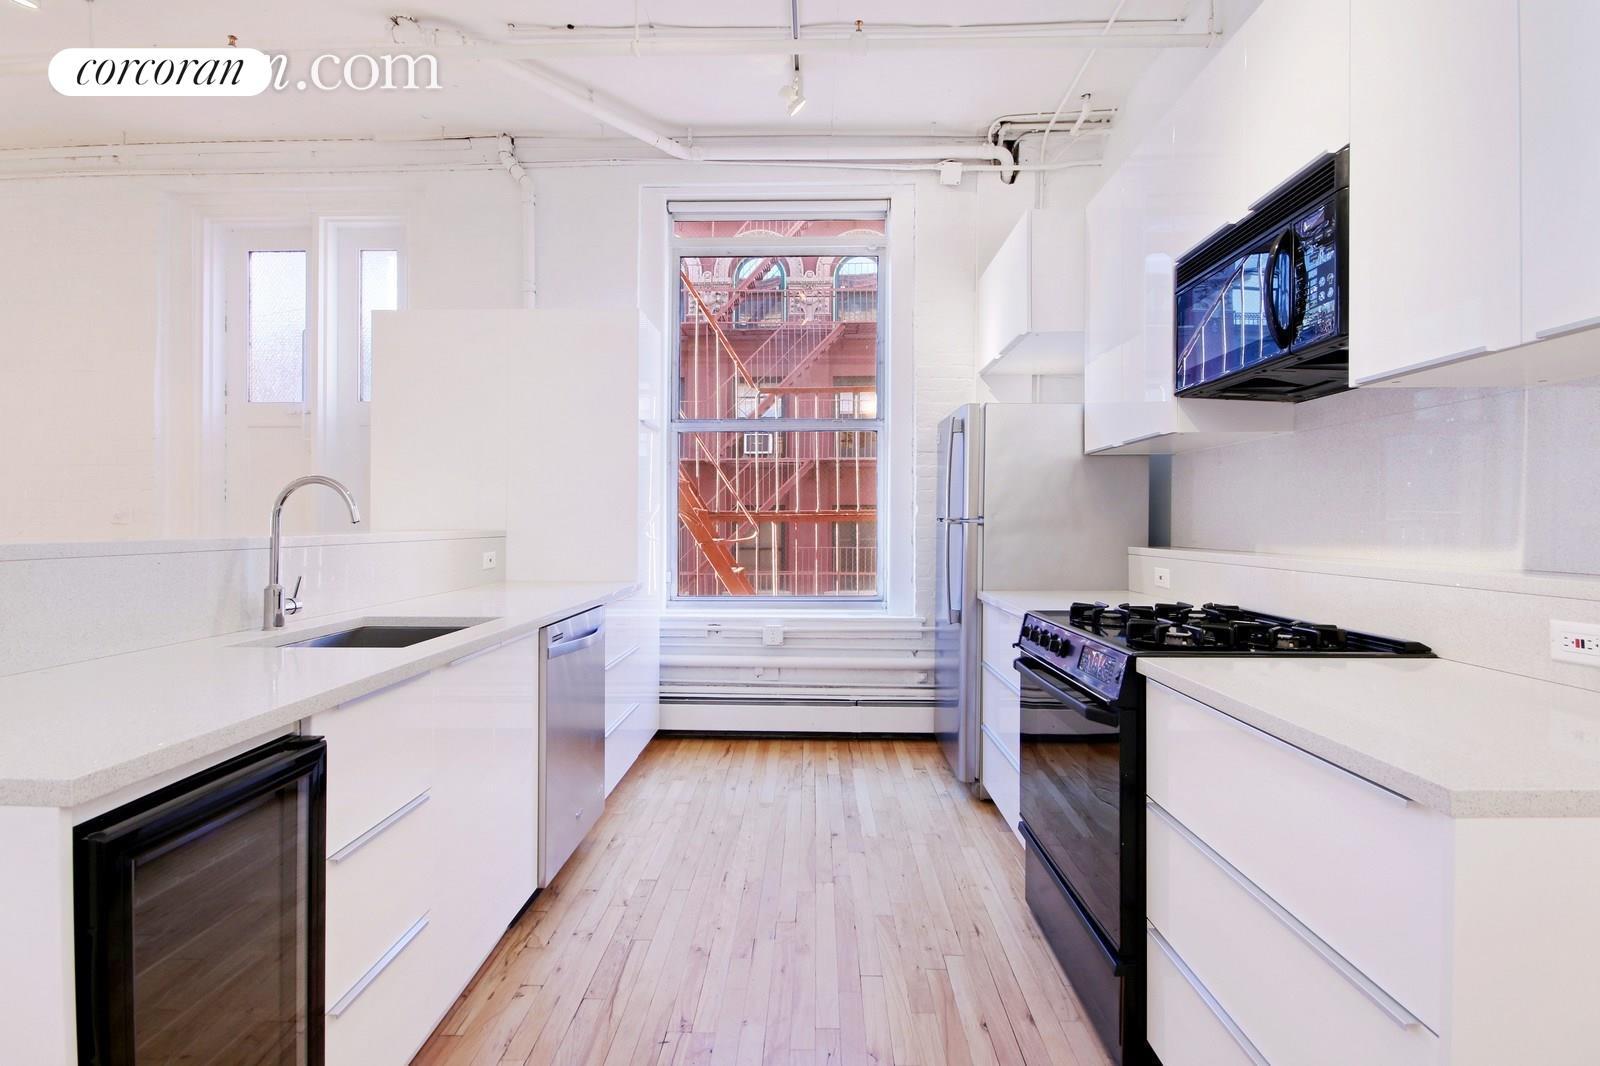 Corcoran, 132 WOOSTER ST, Apt. 3rd Floor, Soho/Nolita Rentals ...